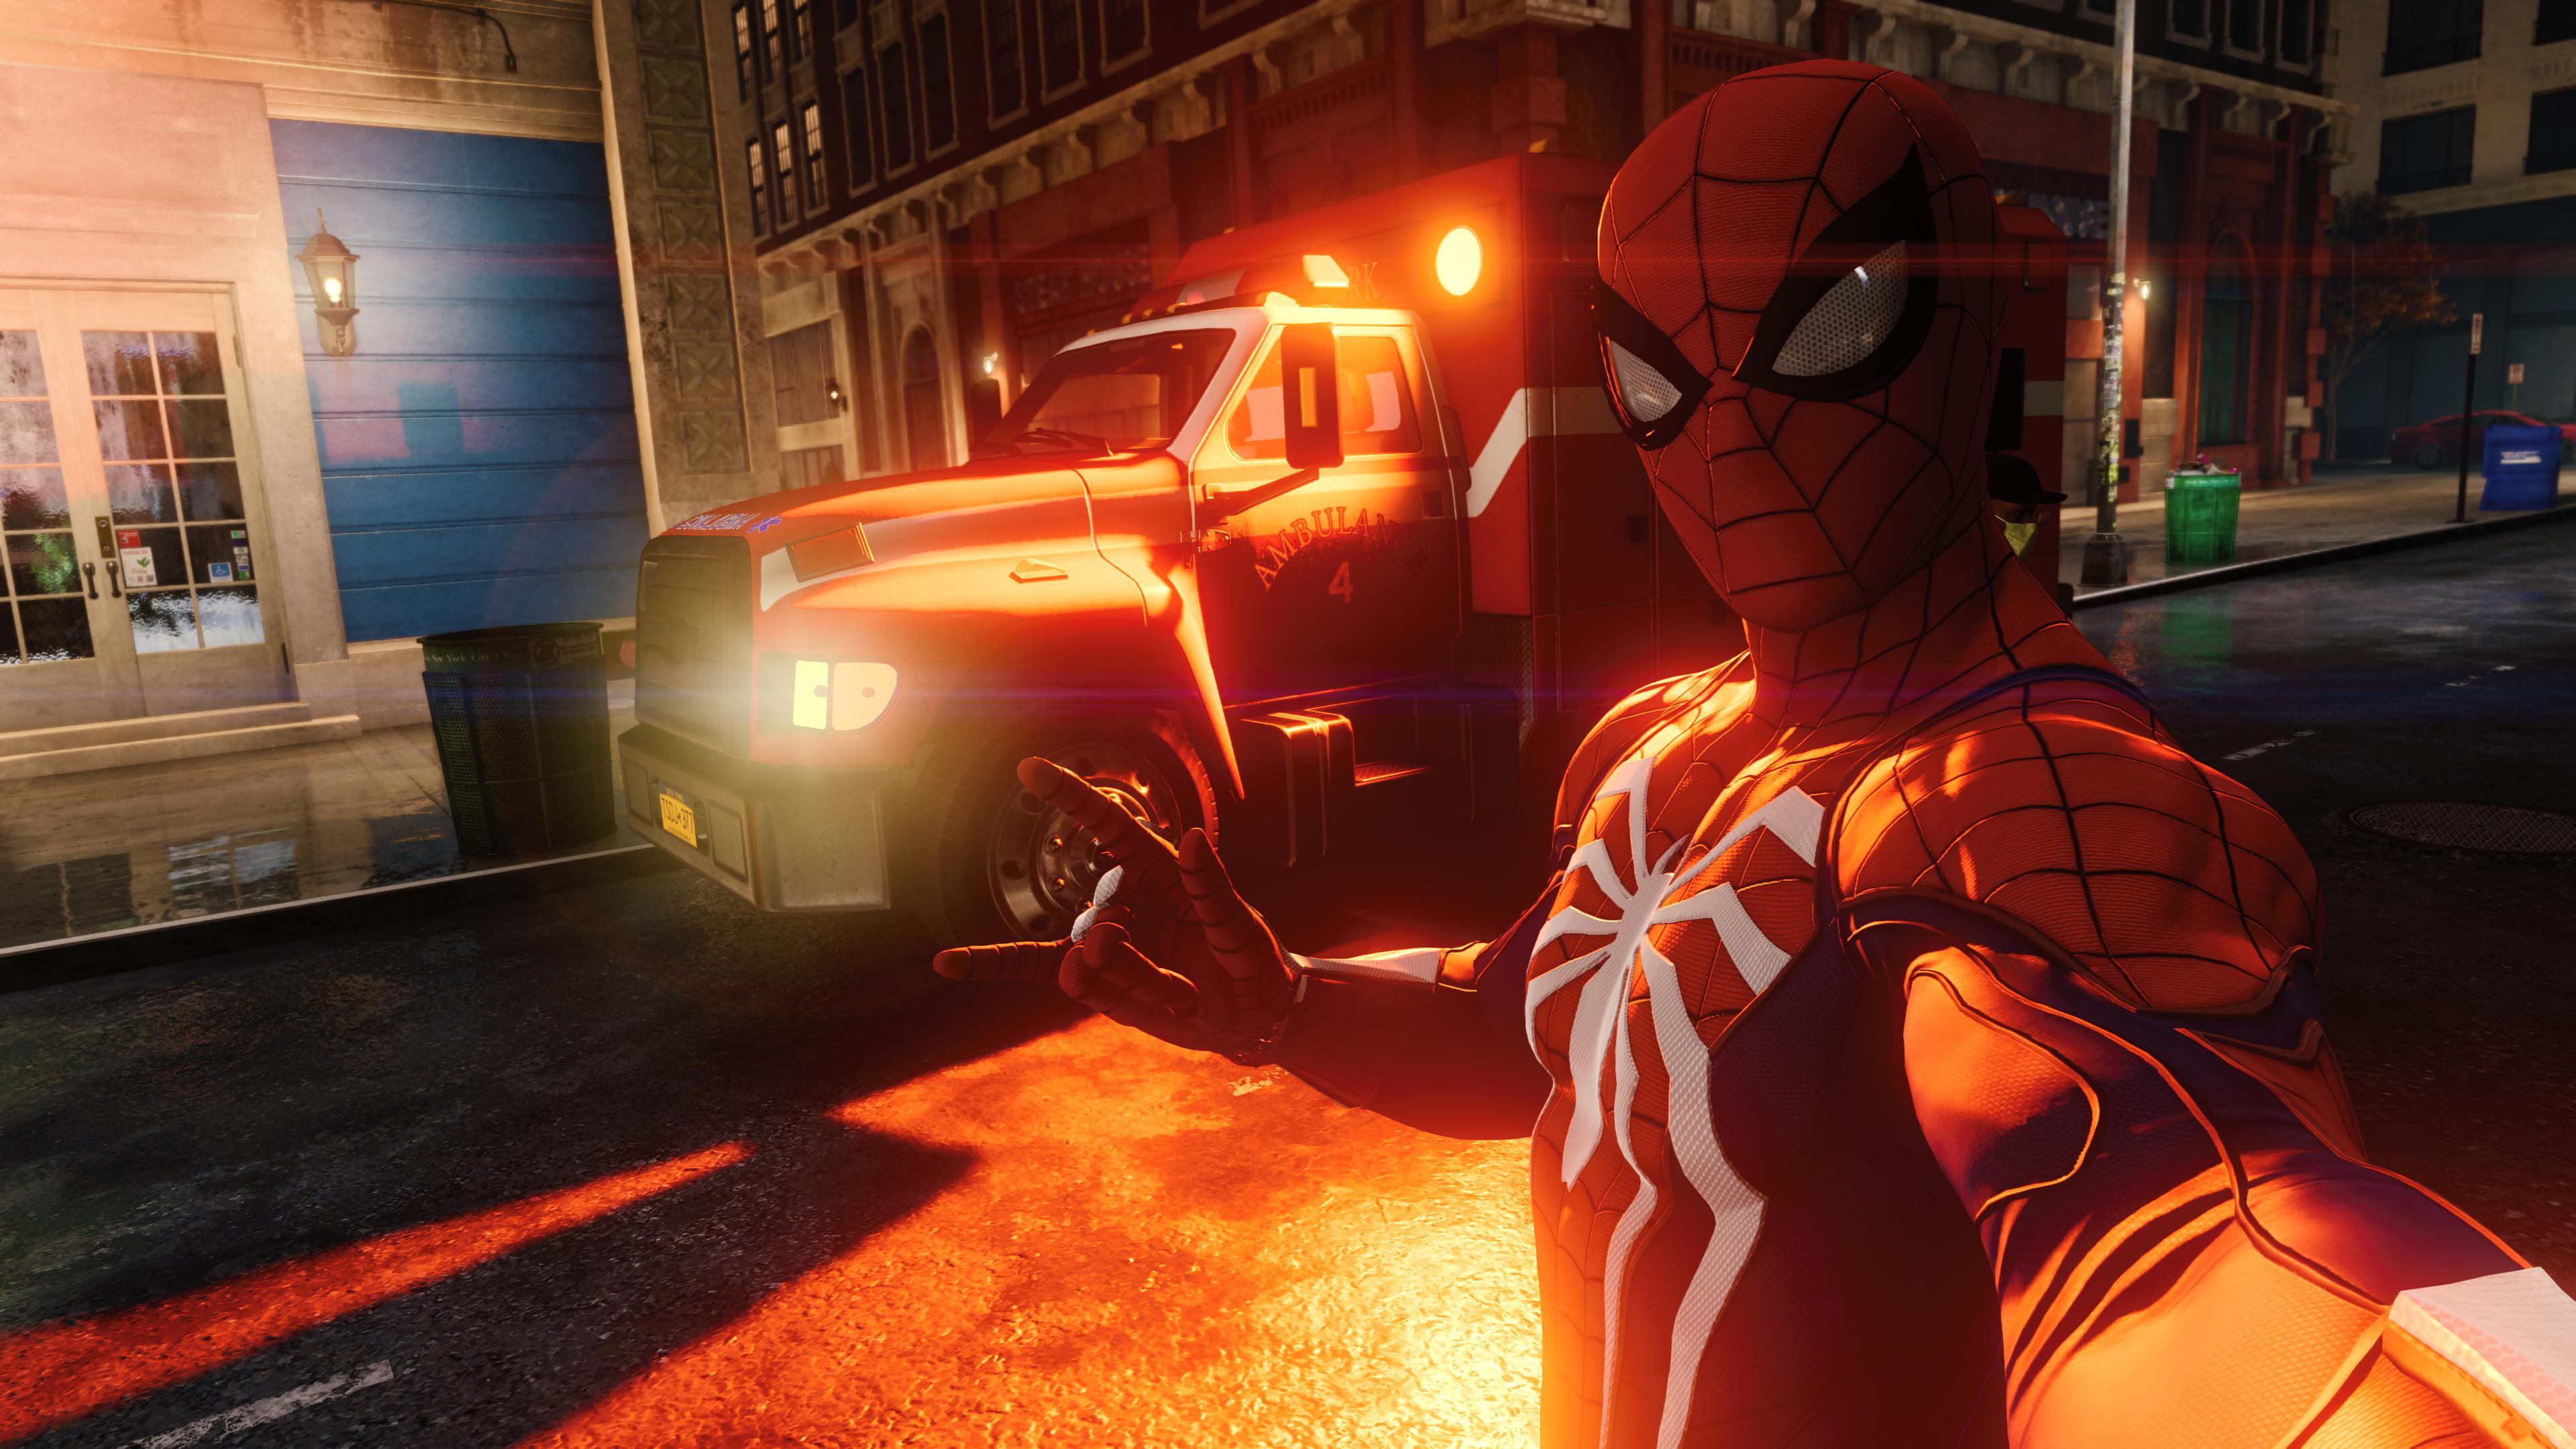 spiderman taking selfie ps4 2018 4k 1537692843 - Spiderman Taking Selfie Ps4 2018 4k - superheroes wallpapers, spiderman wallpapers, spiderman ps4 wallpapers, ps games wallpapers, hd-wallpapers, games wallpapers, 4k-wallpapers, 2018 games wallpapers